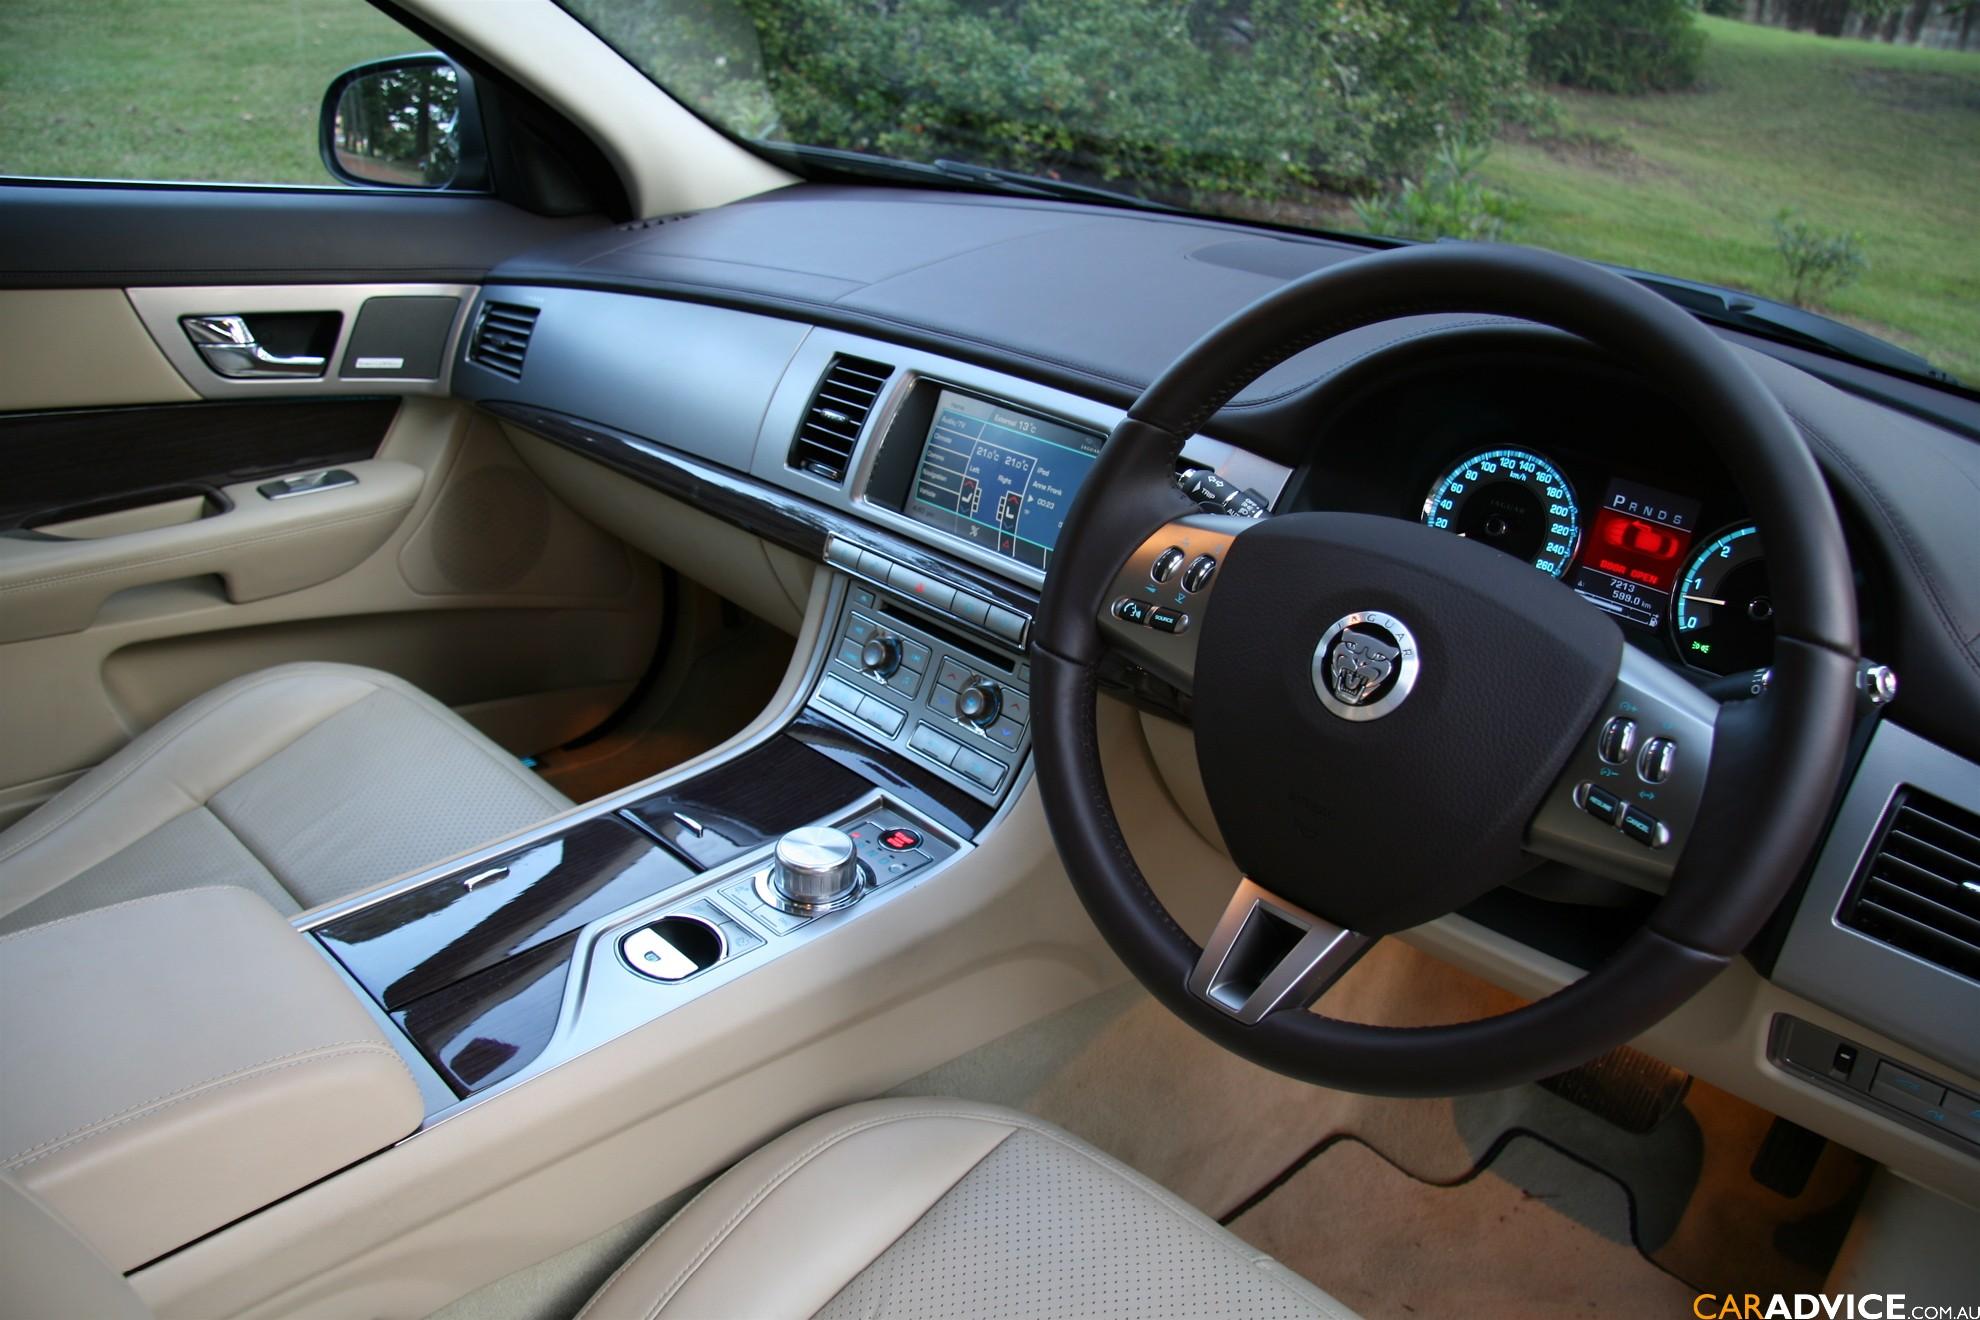 Jaguar Xf Interior Night